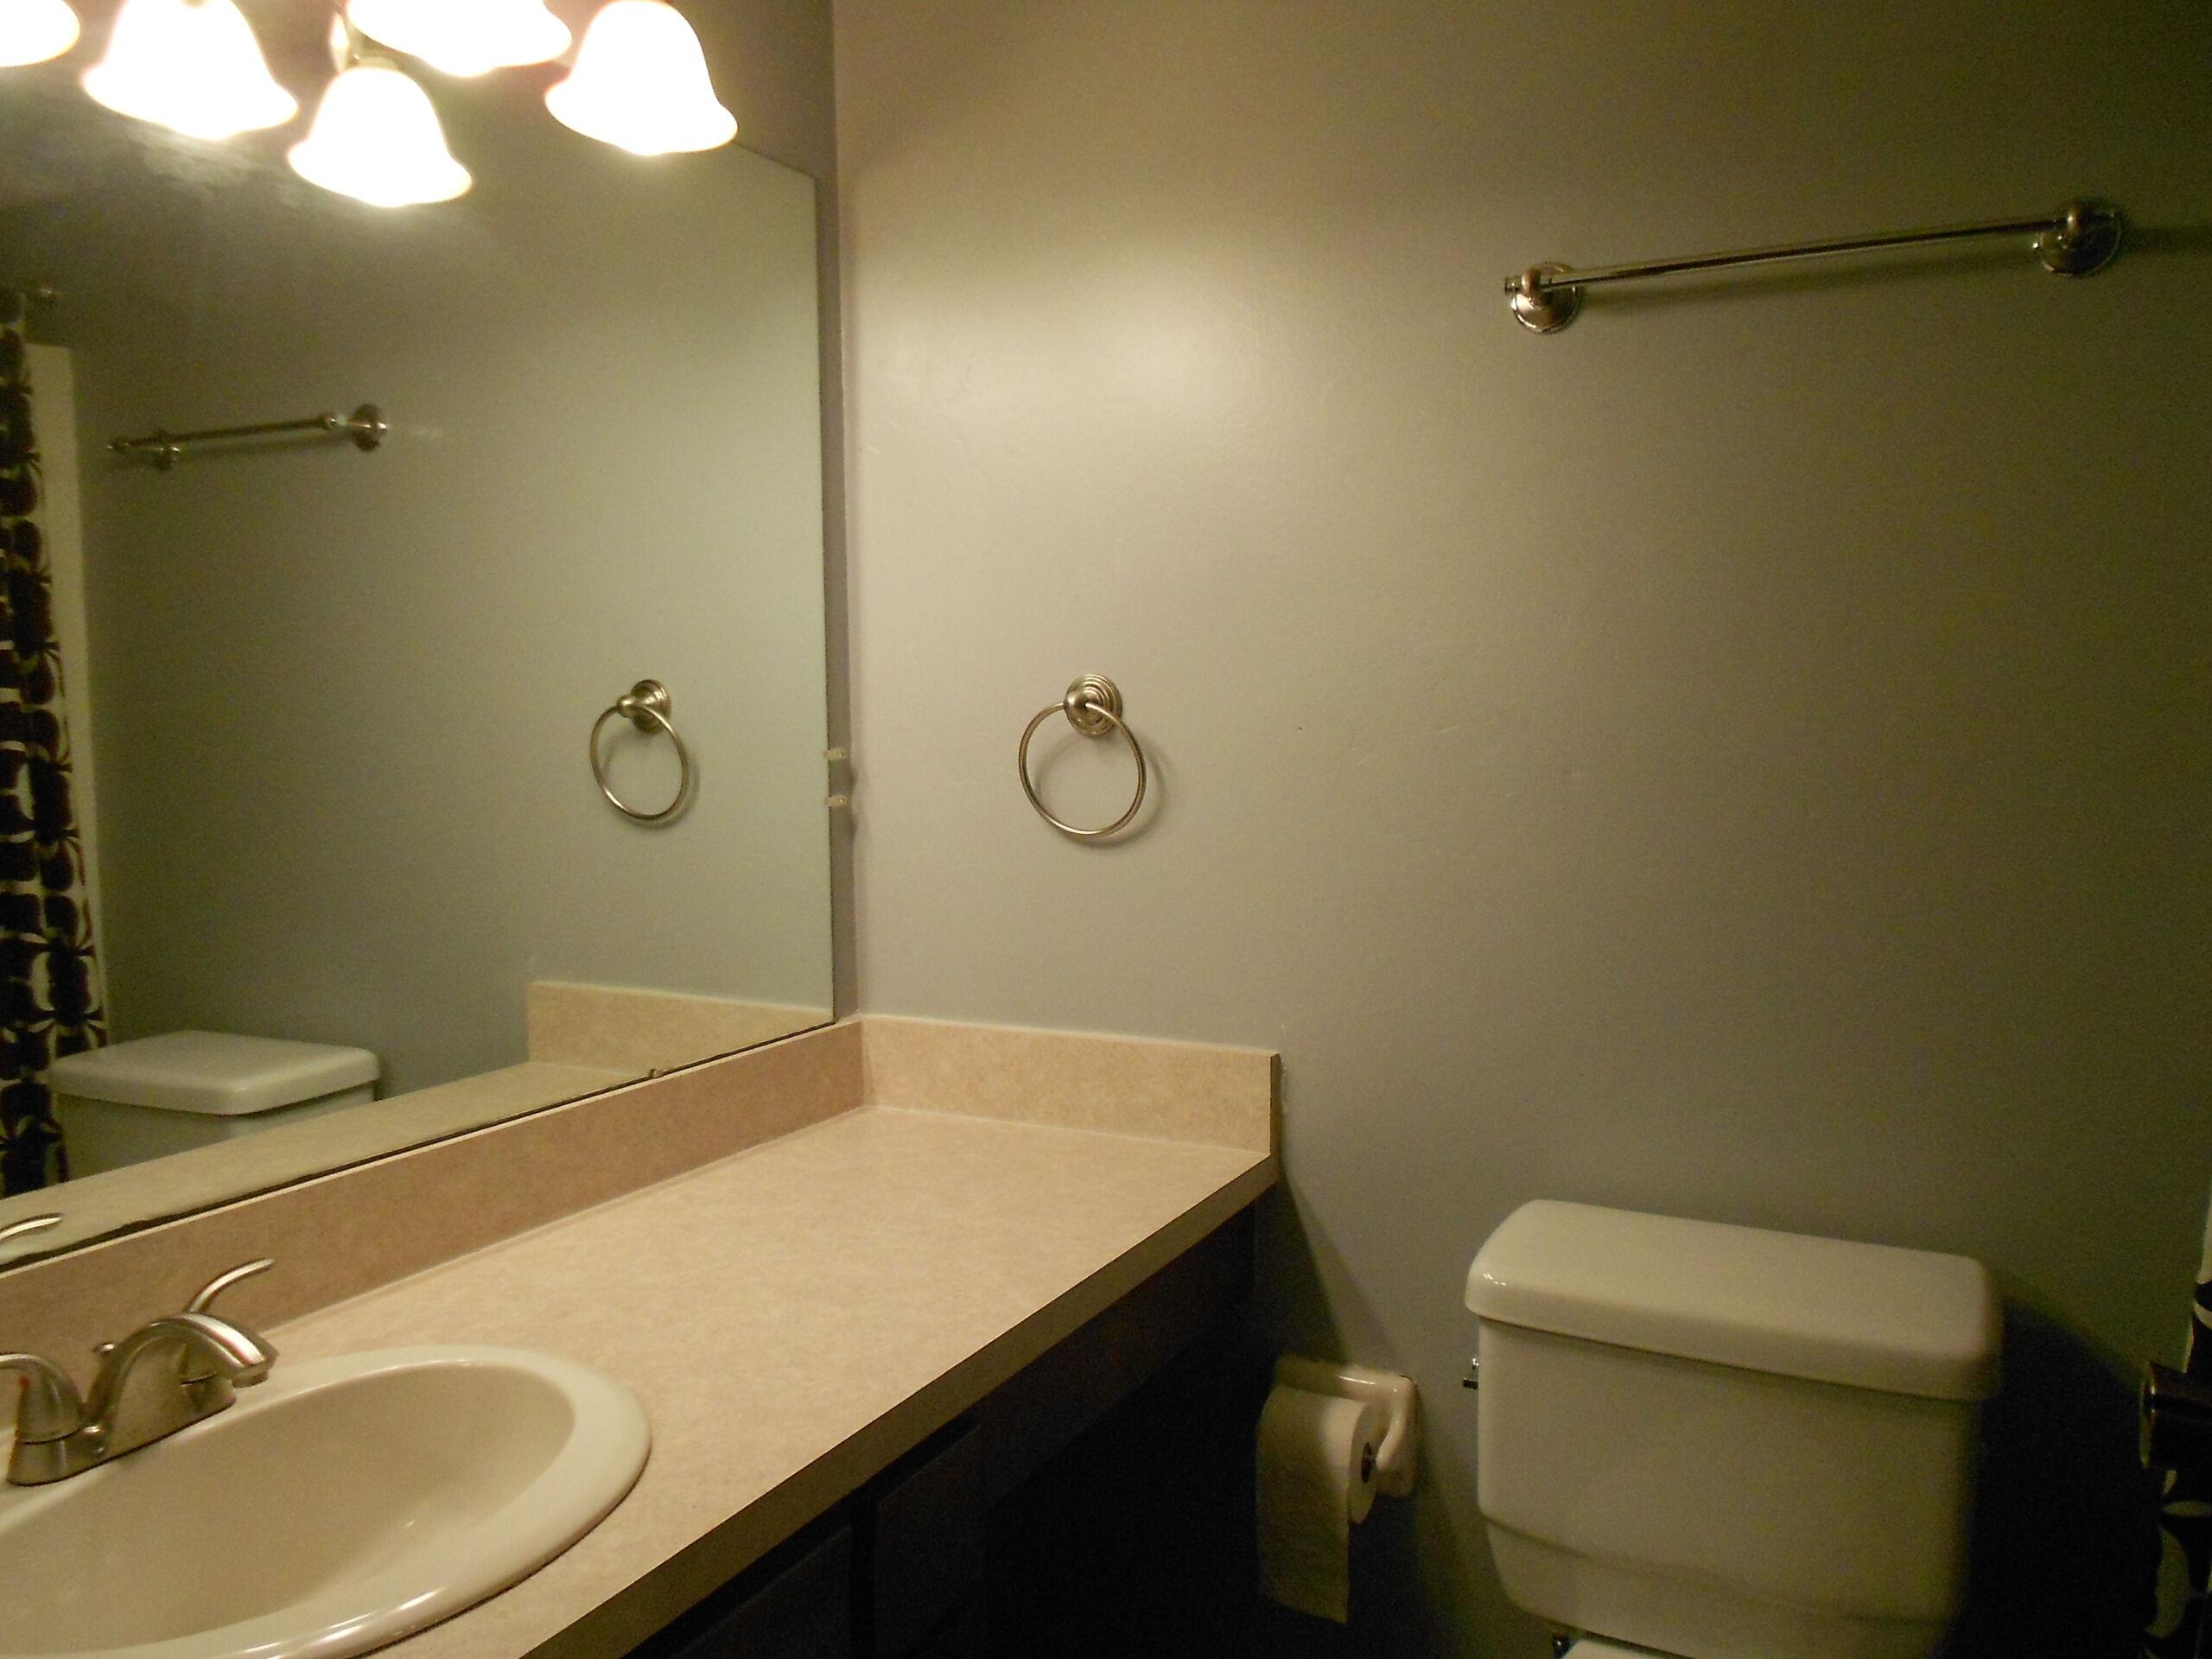 2 Bedroom 2 bath condo